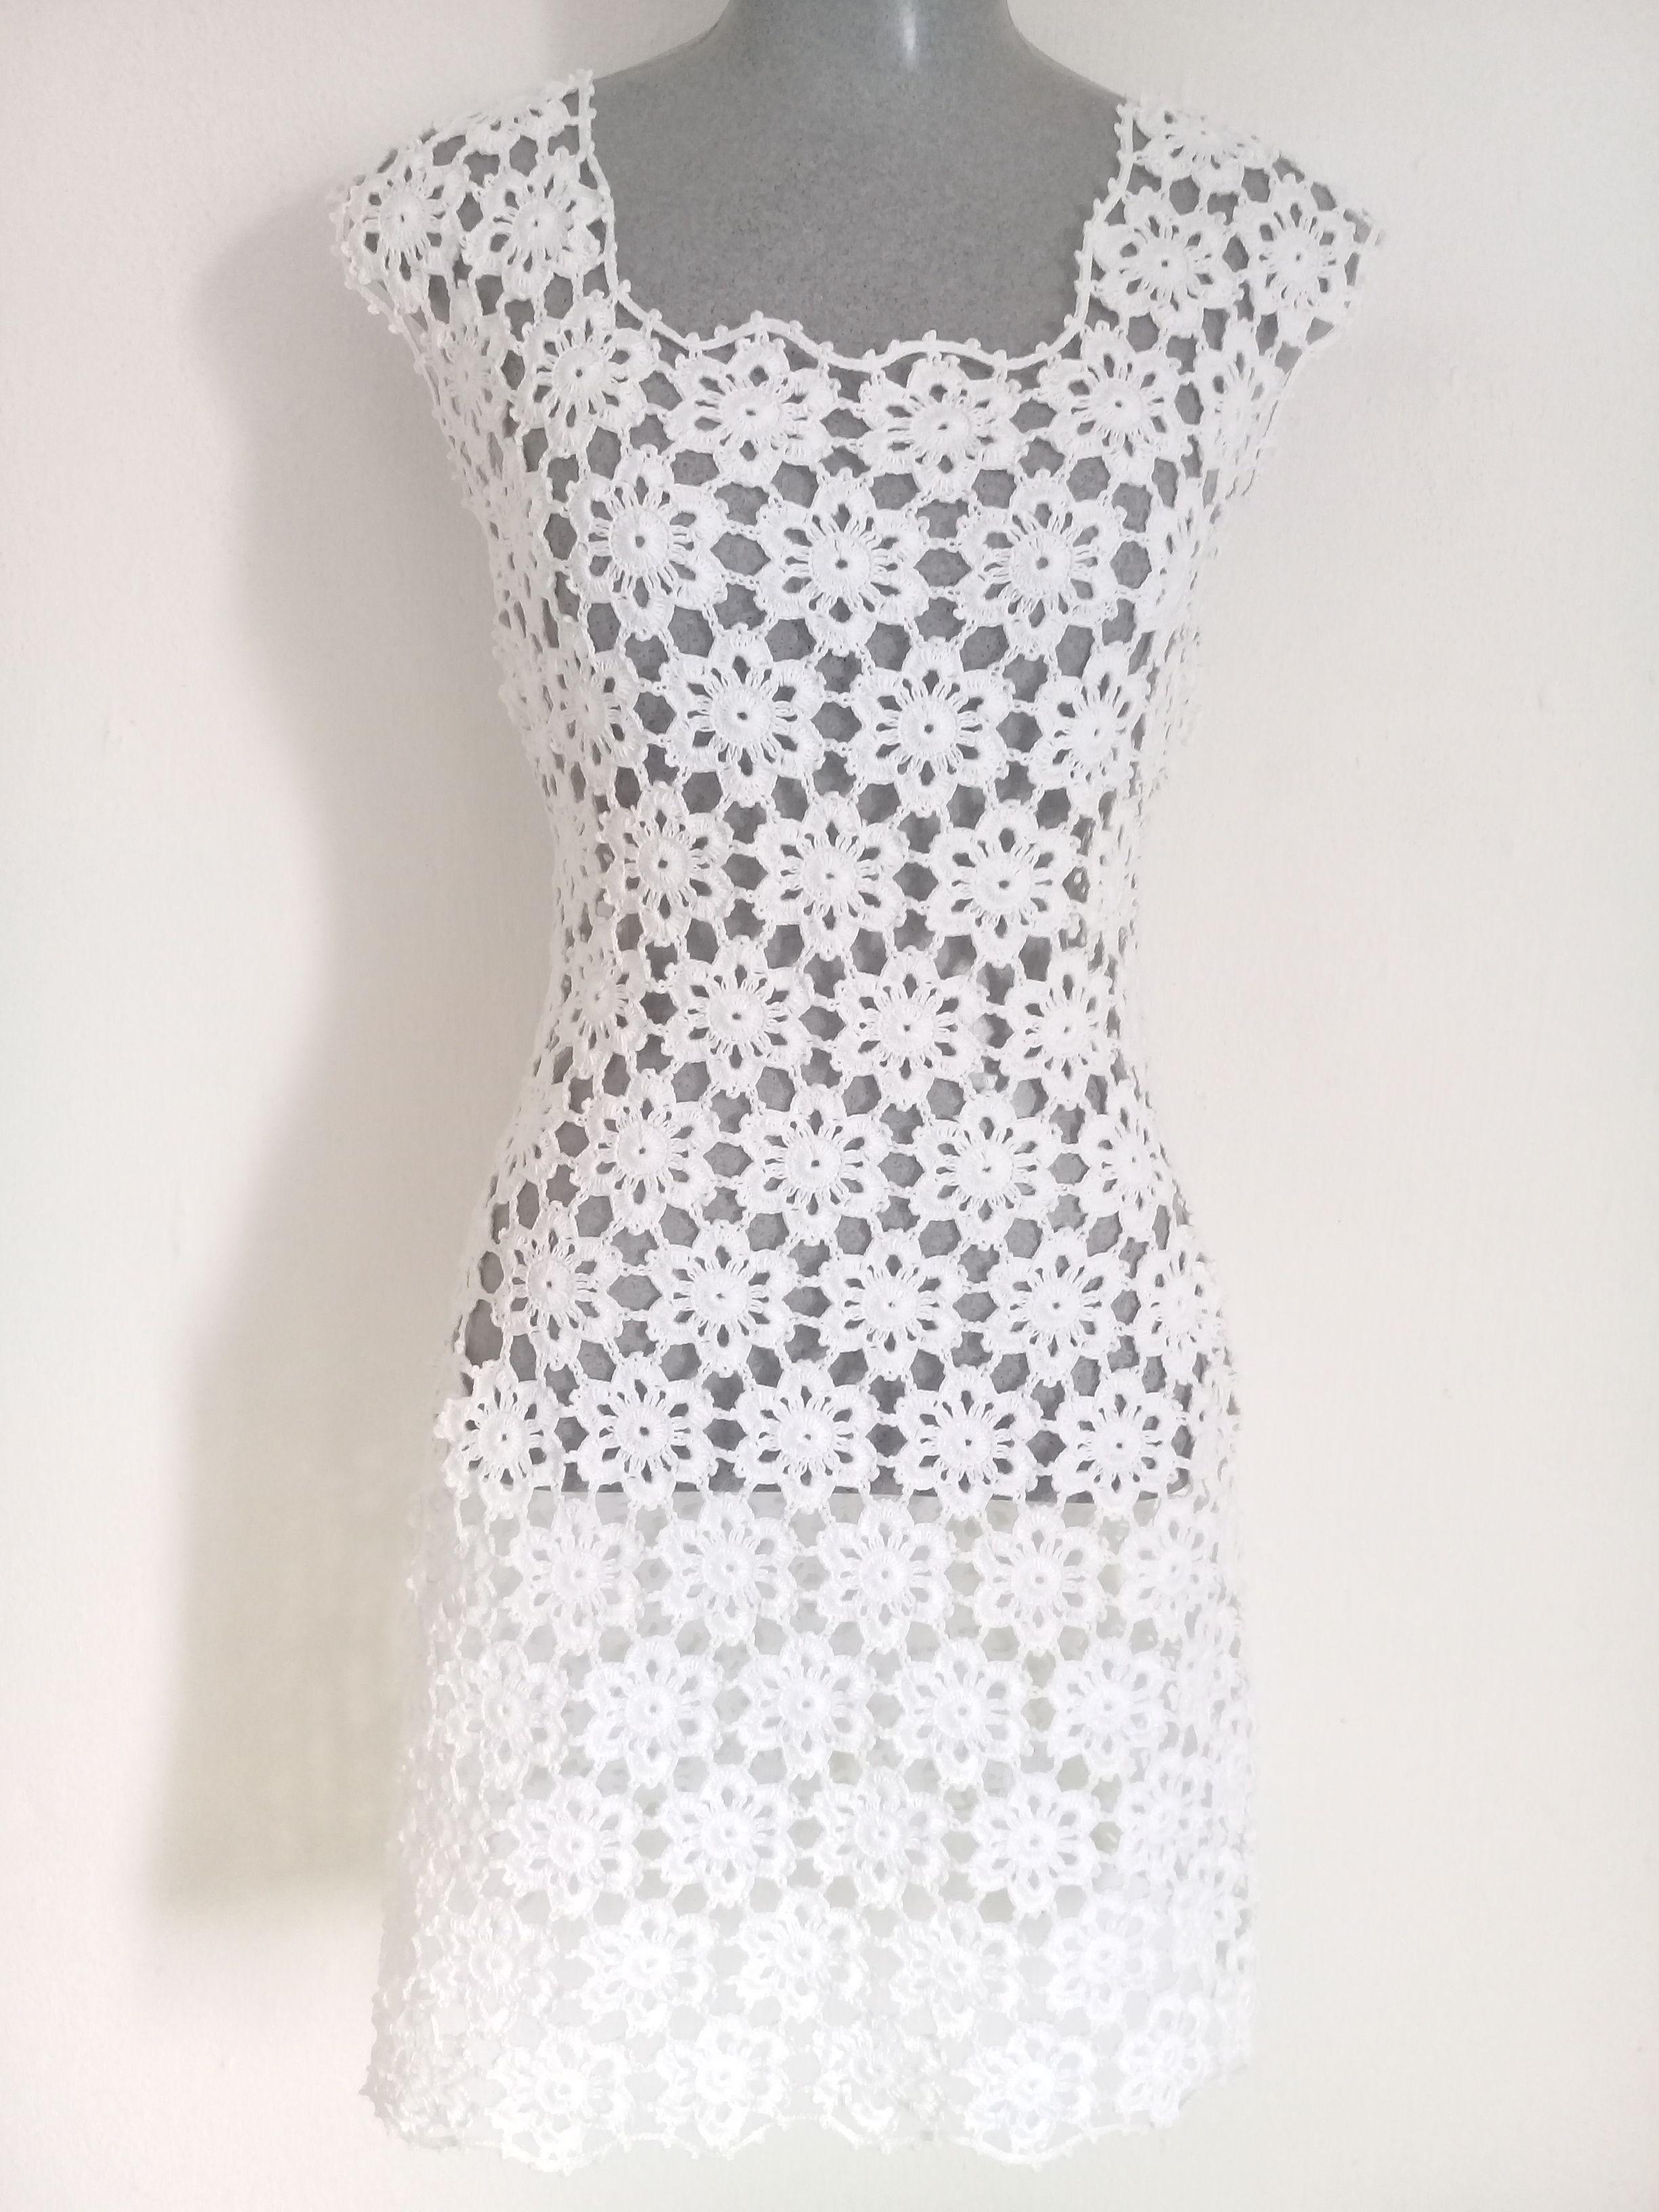 8fc2a23b4f71 Vestido Feminino Crochê Branco Curto Motivos Flores Vestido Croche  Casamento Vestido de Croche Curto Vestido Croche